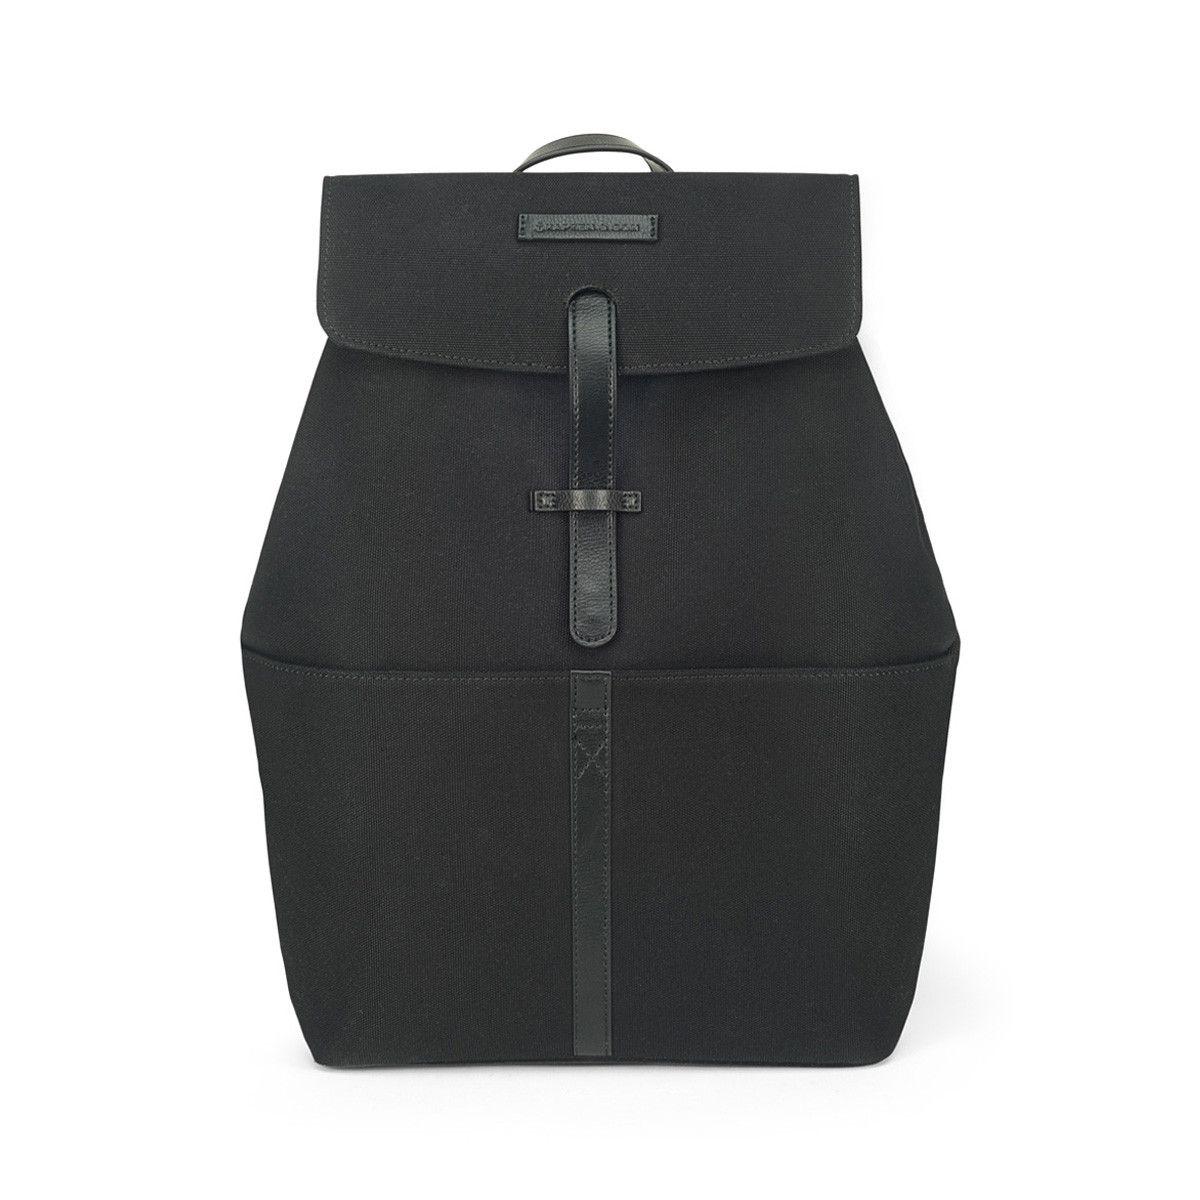 ca00bd4d42793 Kleiner schwarzer Rucksack aus wasserabweisendem Canvas-Stoff